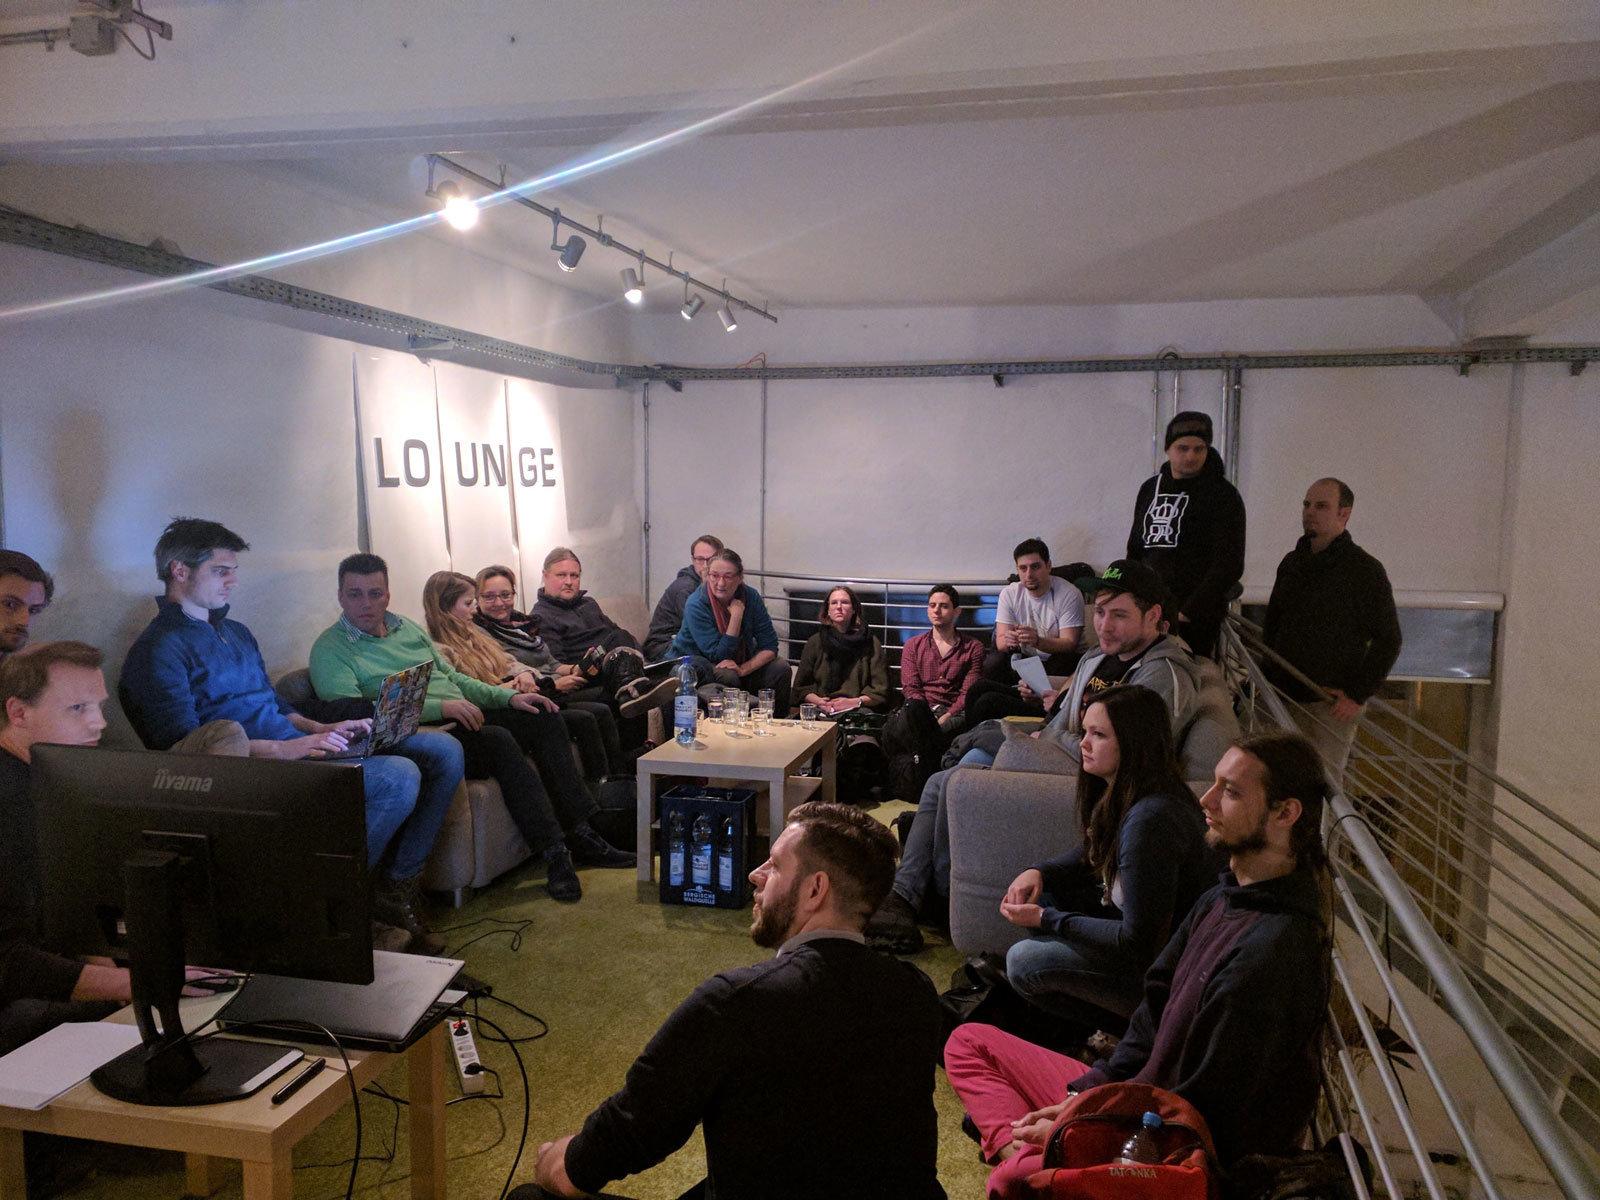 Über 20 Teilnehmer konnten beim 3. WordPress-Meetup im Innenstadt-Büro der Digitalagentur giftGRÜN begrüßt werden.